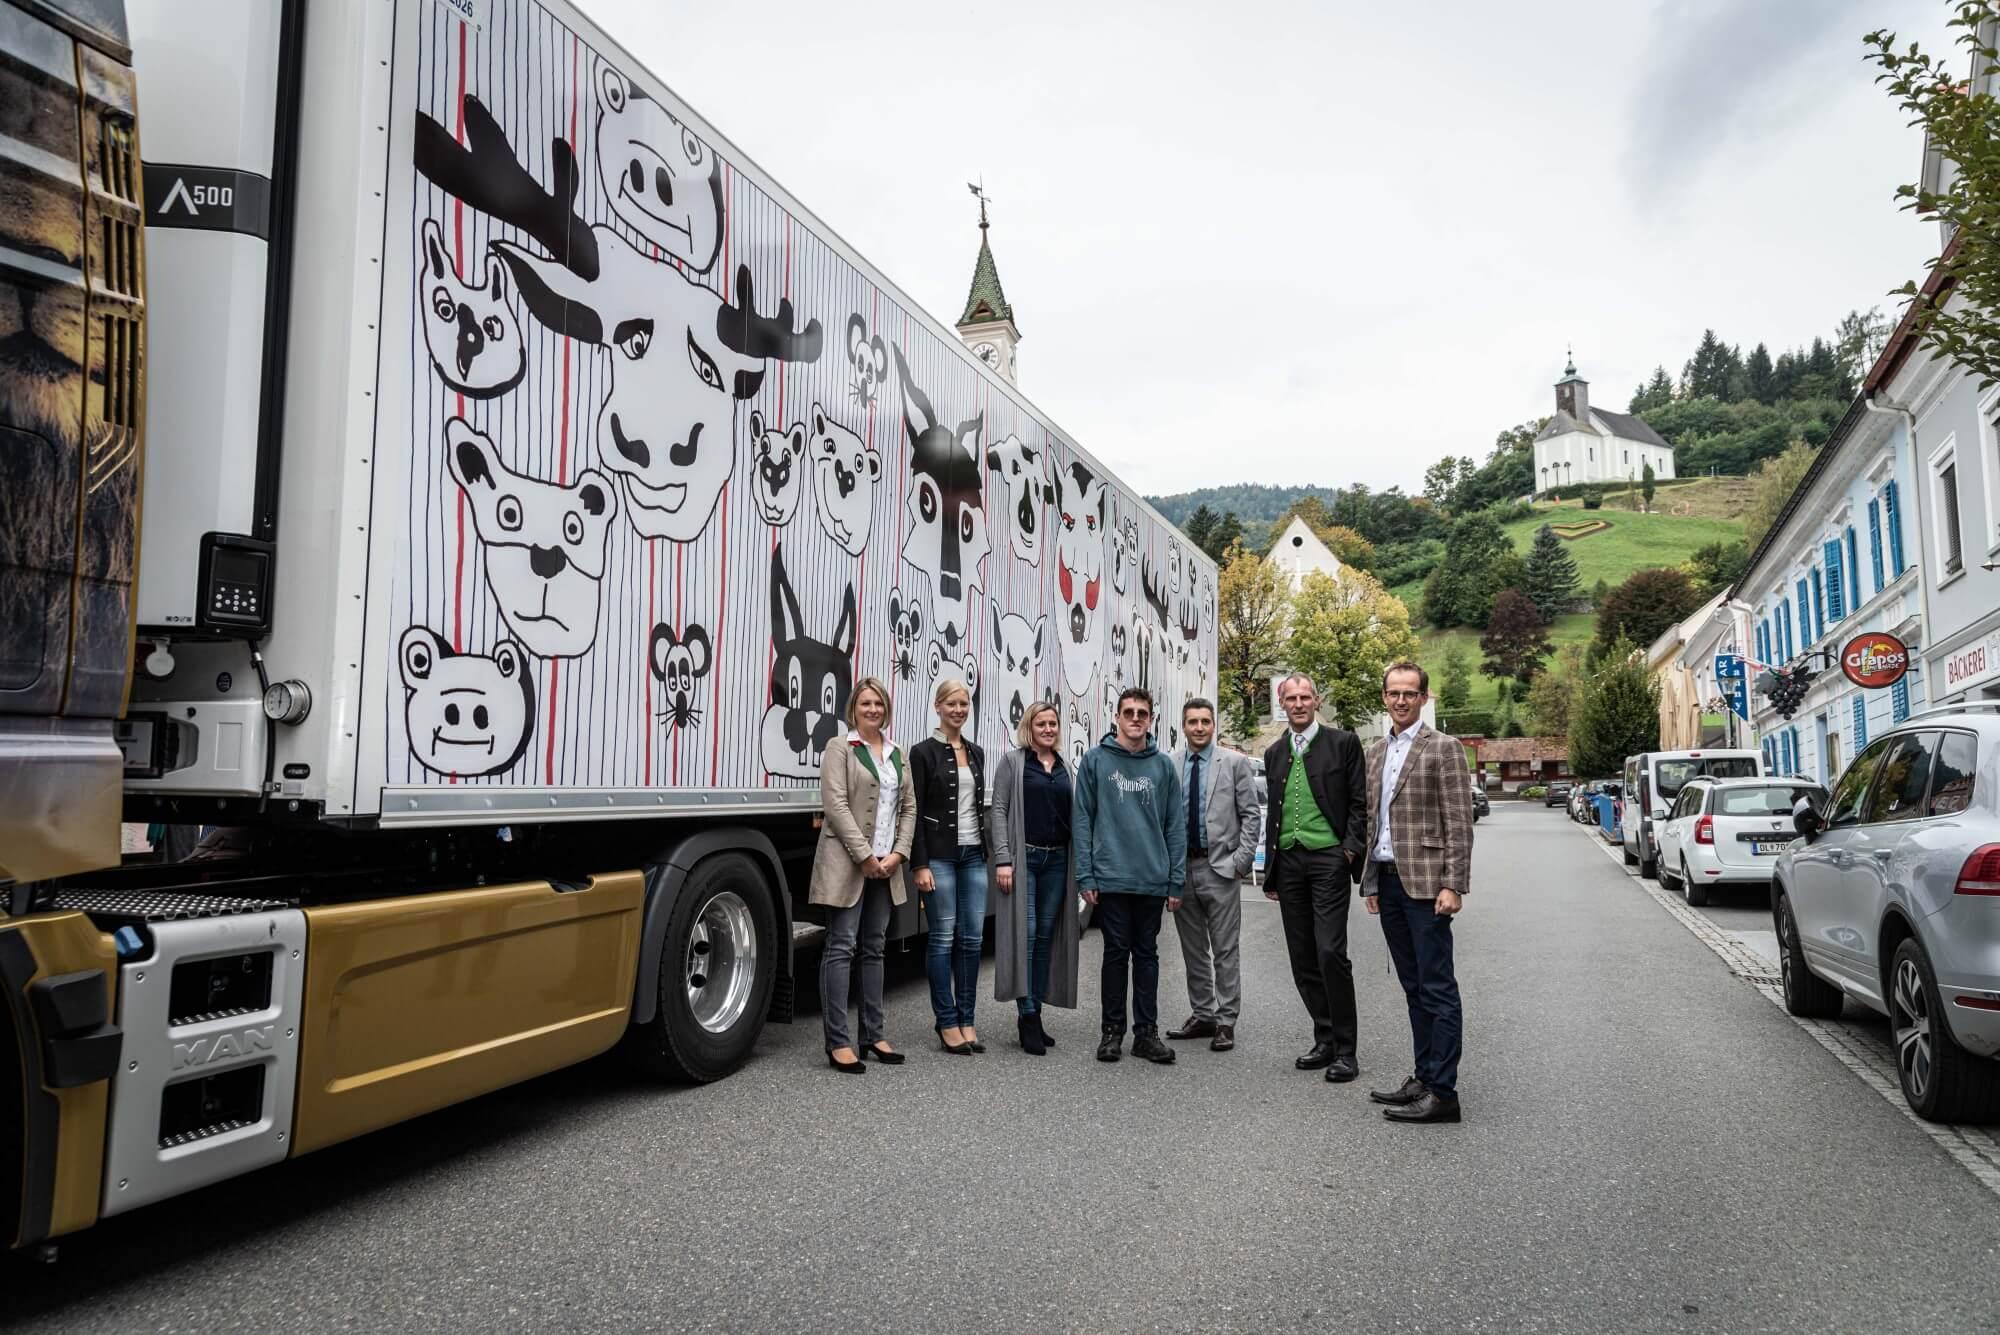 Ein Gruppenfoto mit dem Bürgermeister von Bad Schwanberg, Karlheinz Schuster. Im Hintergrund ist der bunt beklebten LKW am Hauptplatz von Bad Schwanberg zu sehen.